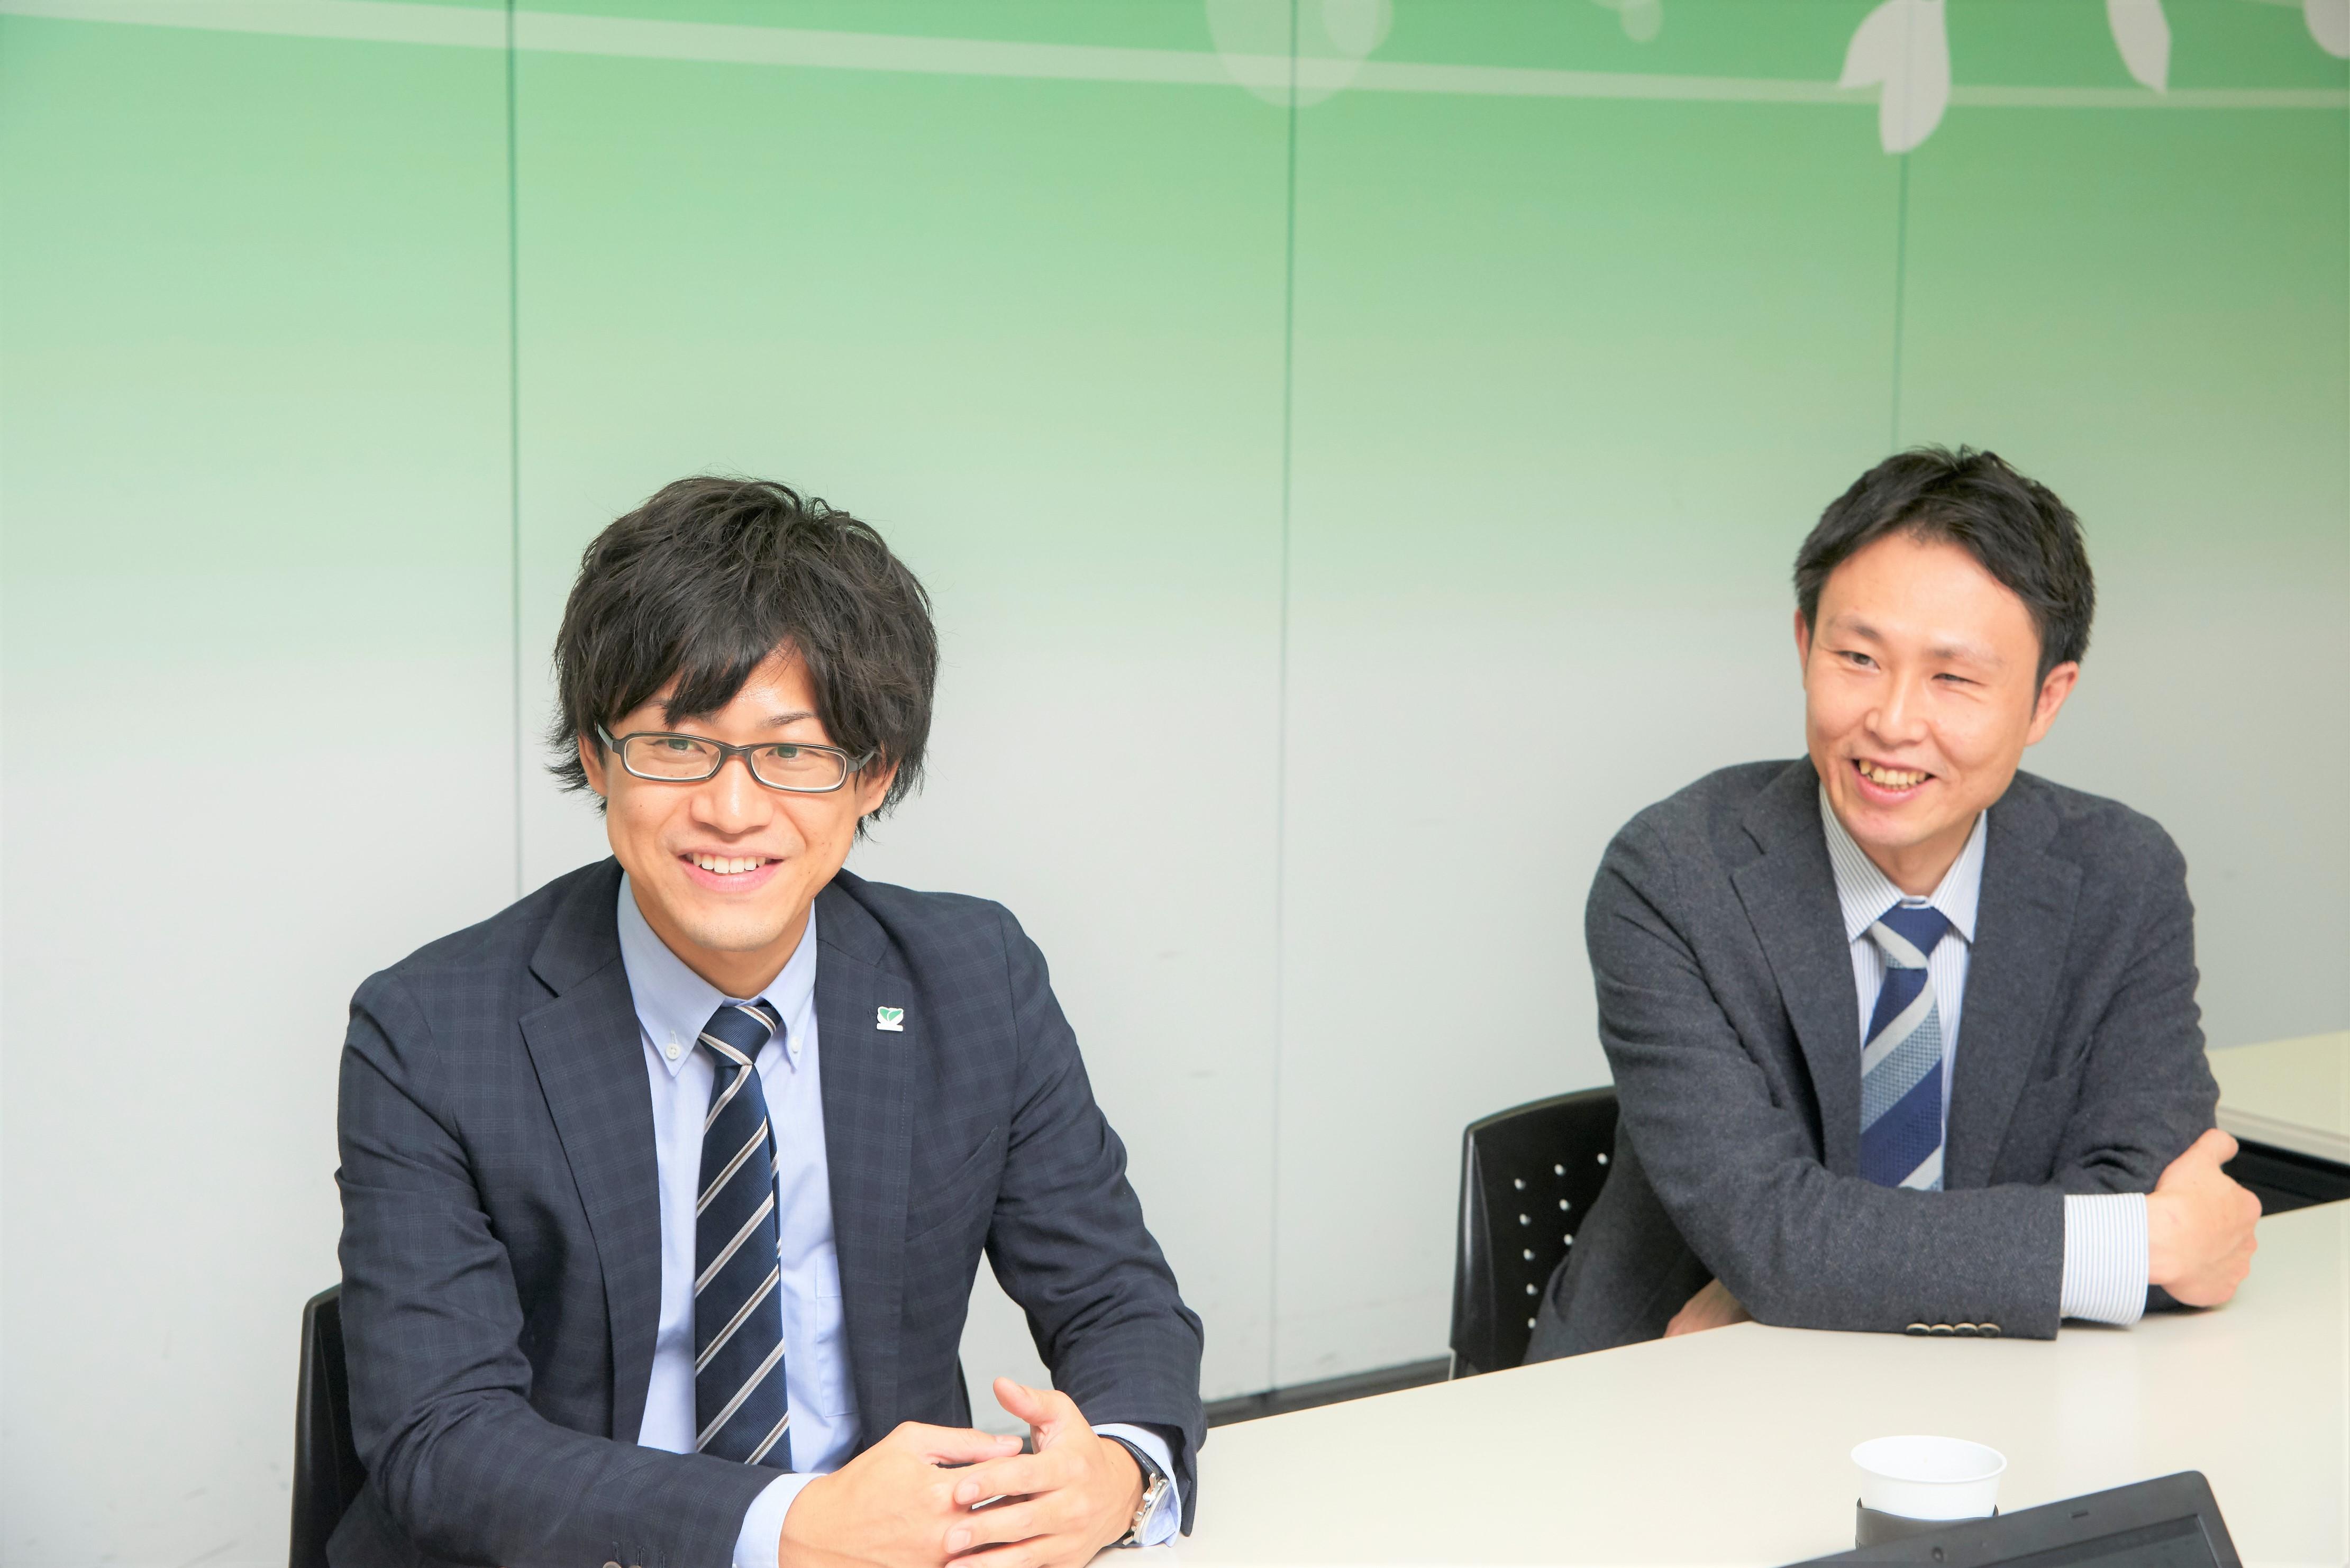 株式会社ブロードリーフ  加川氏(左) 小川氏(右)